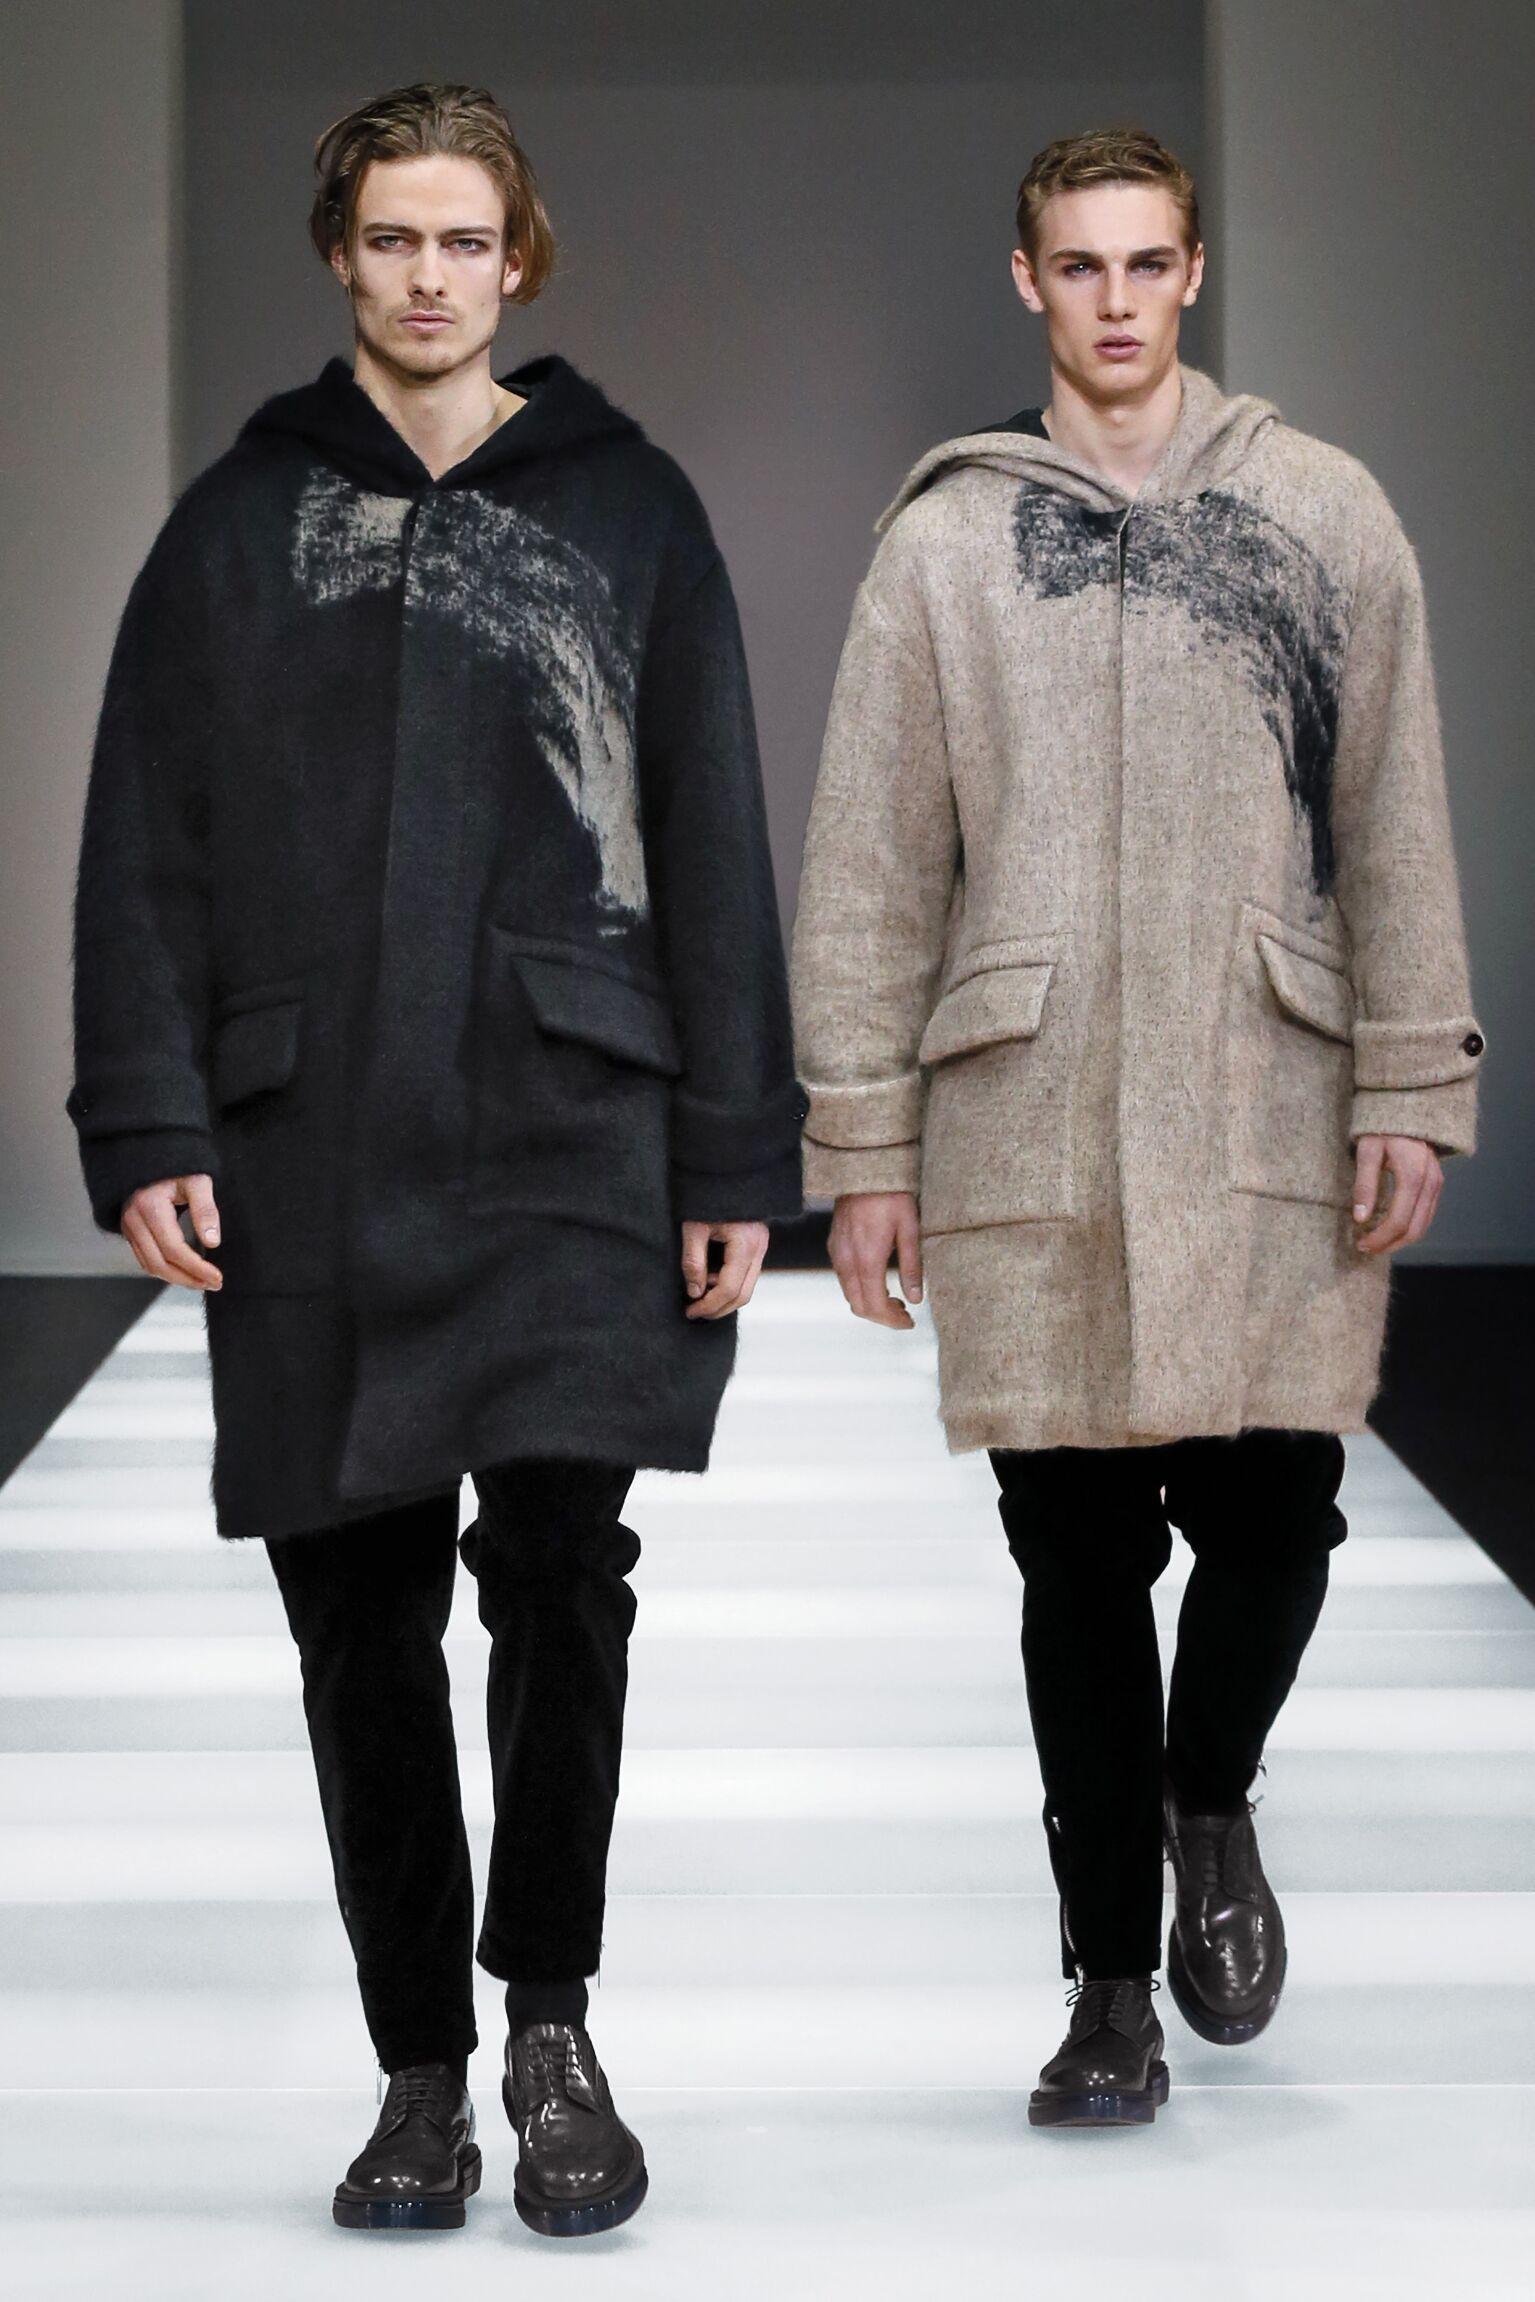 Winter 2015 Fashion Show Emporio Armani Collection